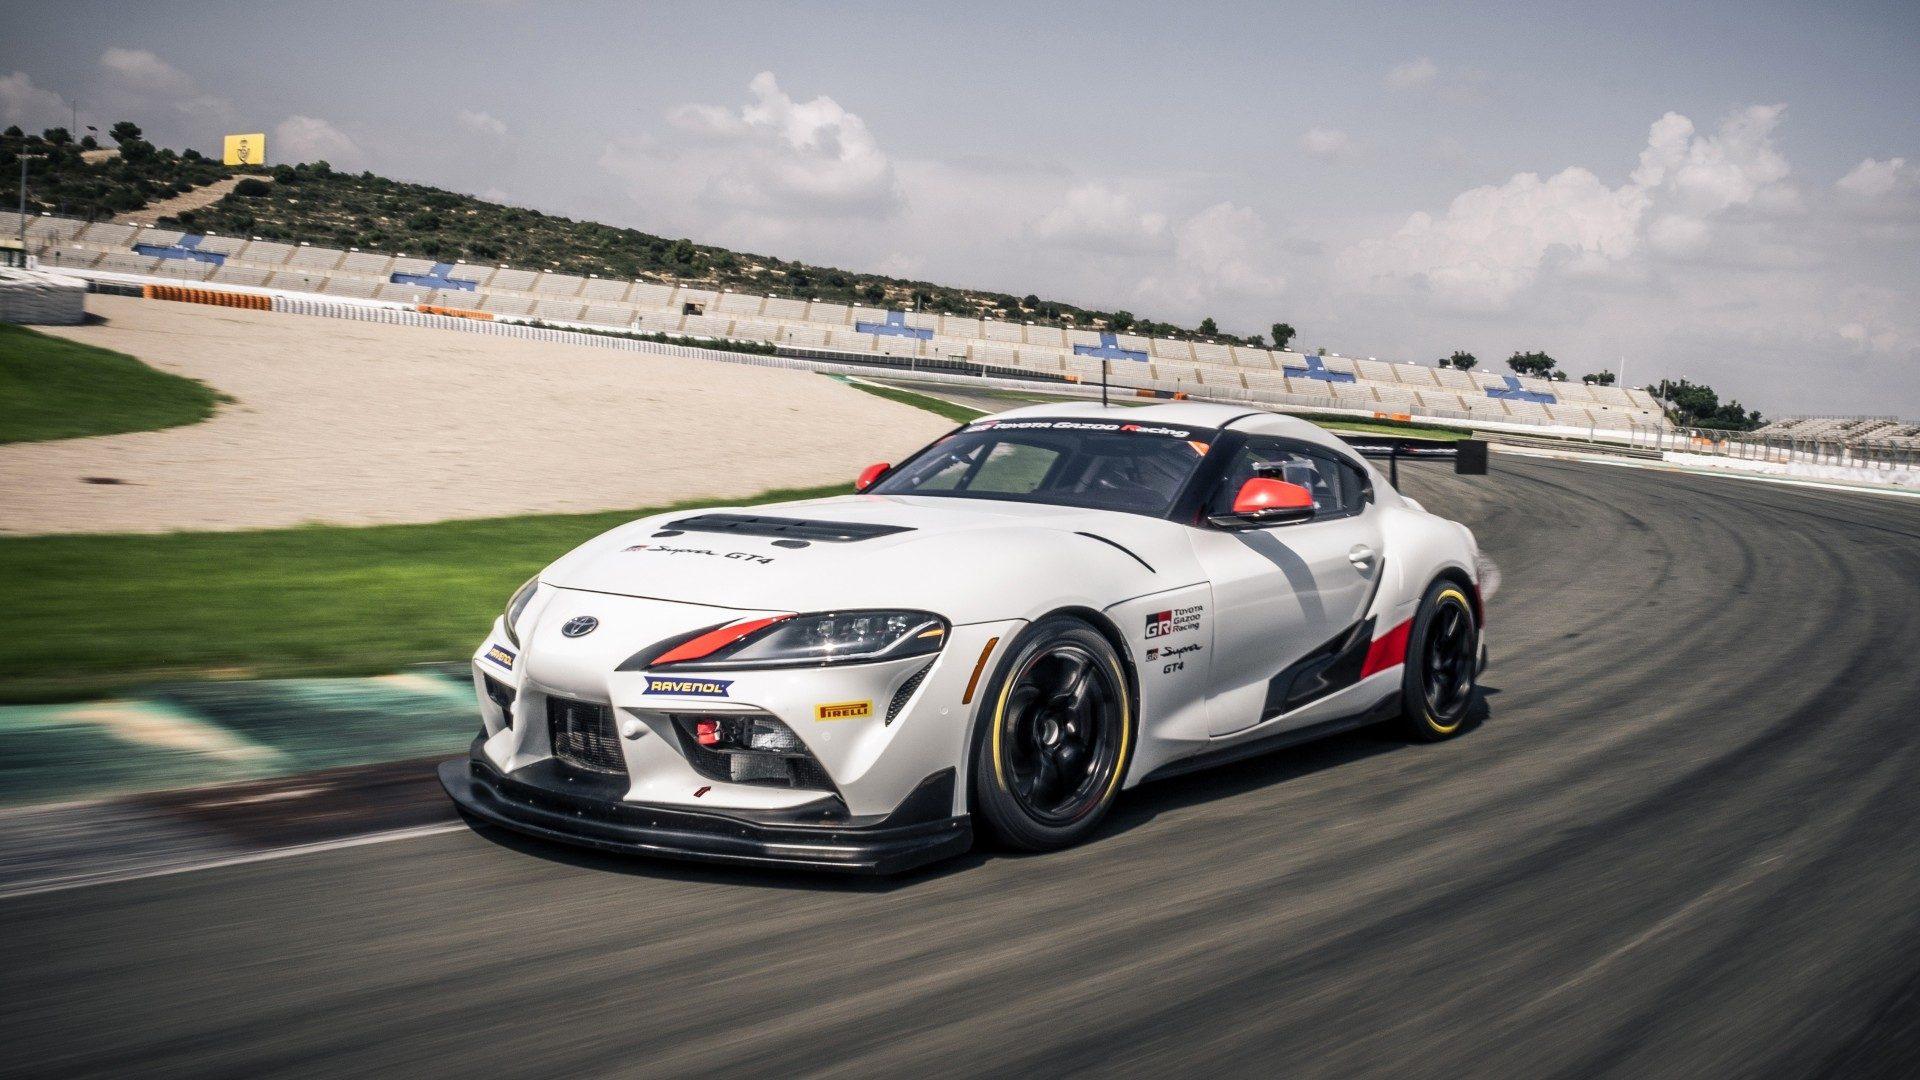 El Toyota Supra GT4 ya está listo para asaltar los circuitos